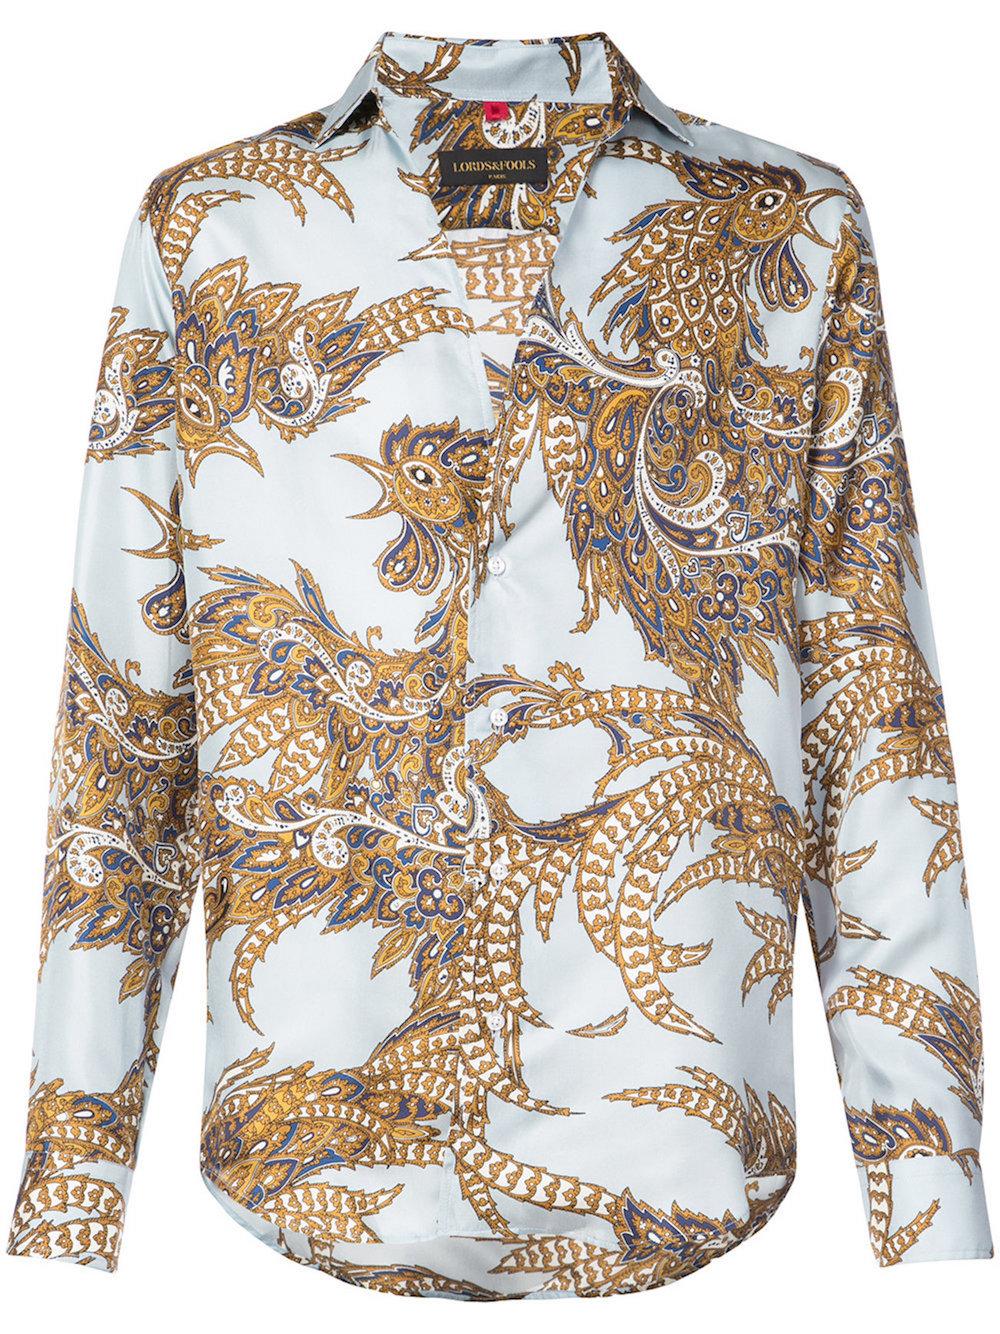 LORDS AND FOOLS Paisley print shirt